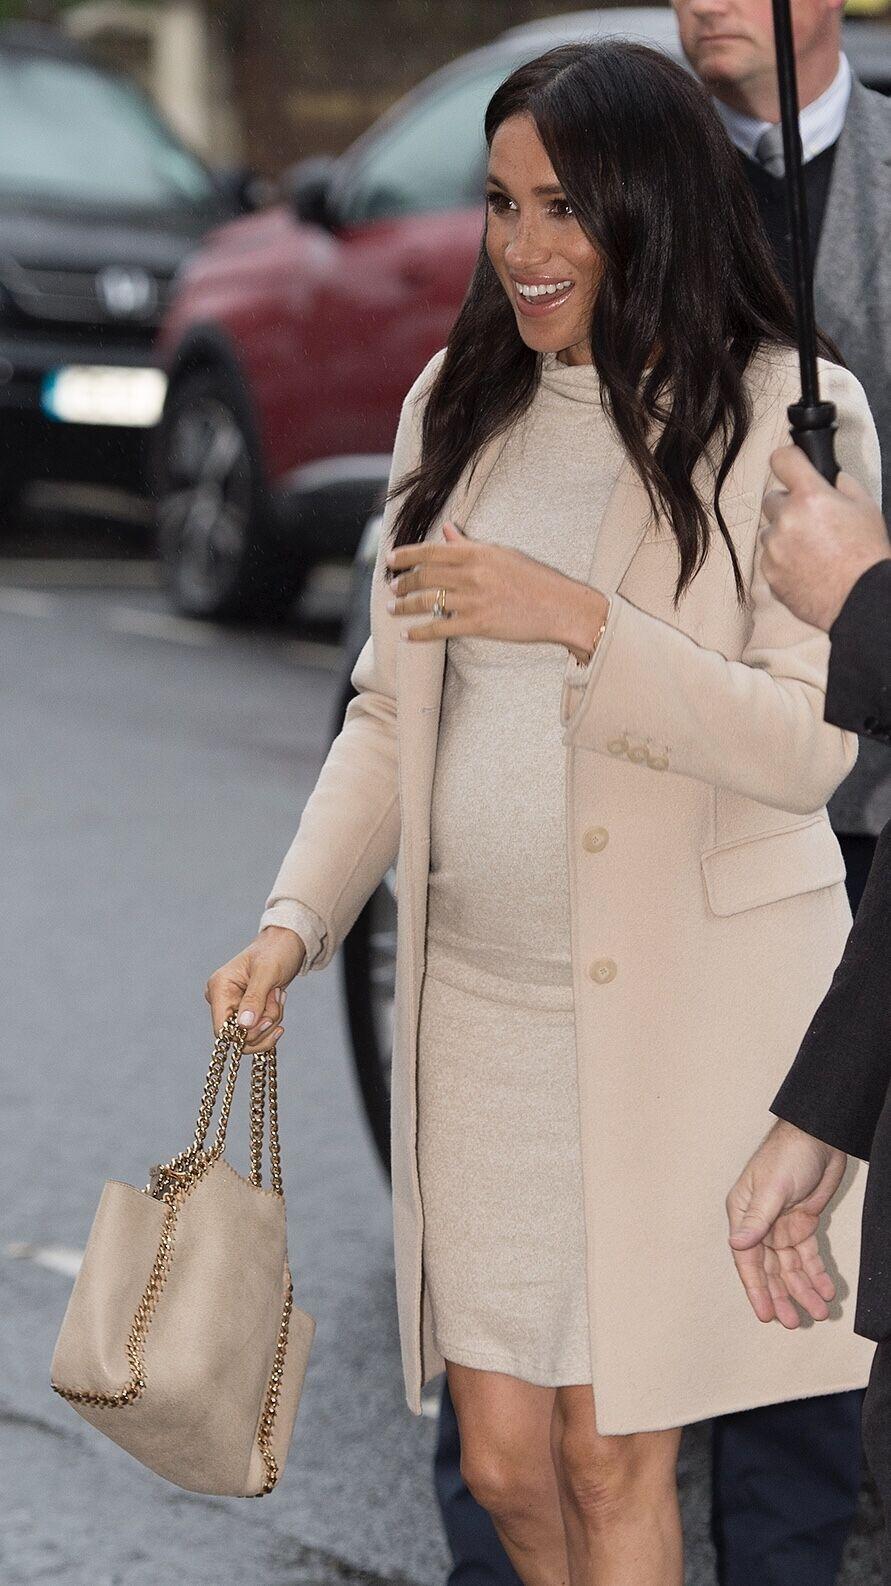 Wearing Stella Markle The Duchess Meghan Of Sussex A Mccartney TK1lFJc